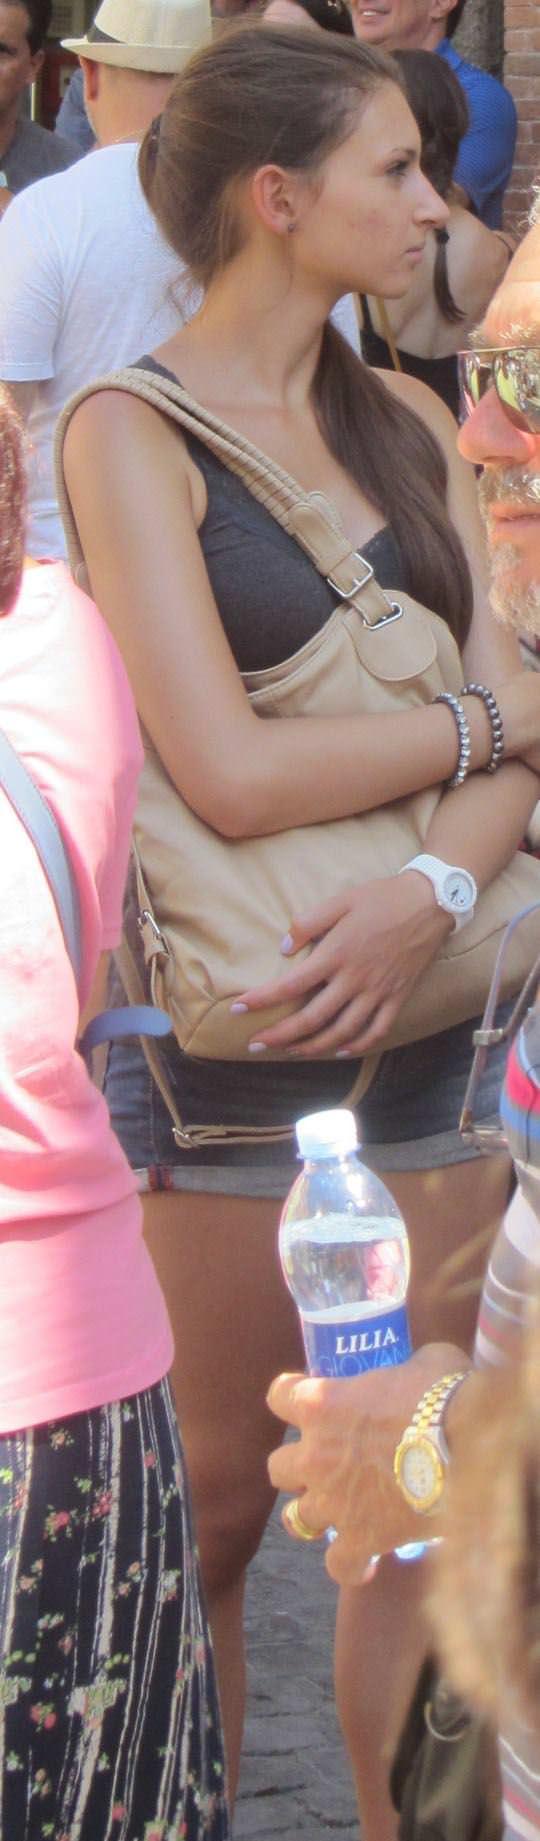 【外人】ローマで街撮りされちゃった女の子たちの着衣エロポルノ画像 55